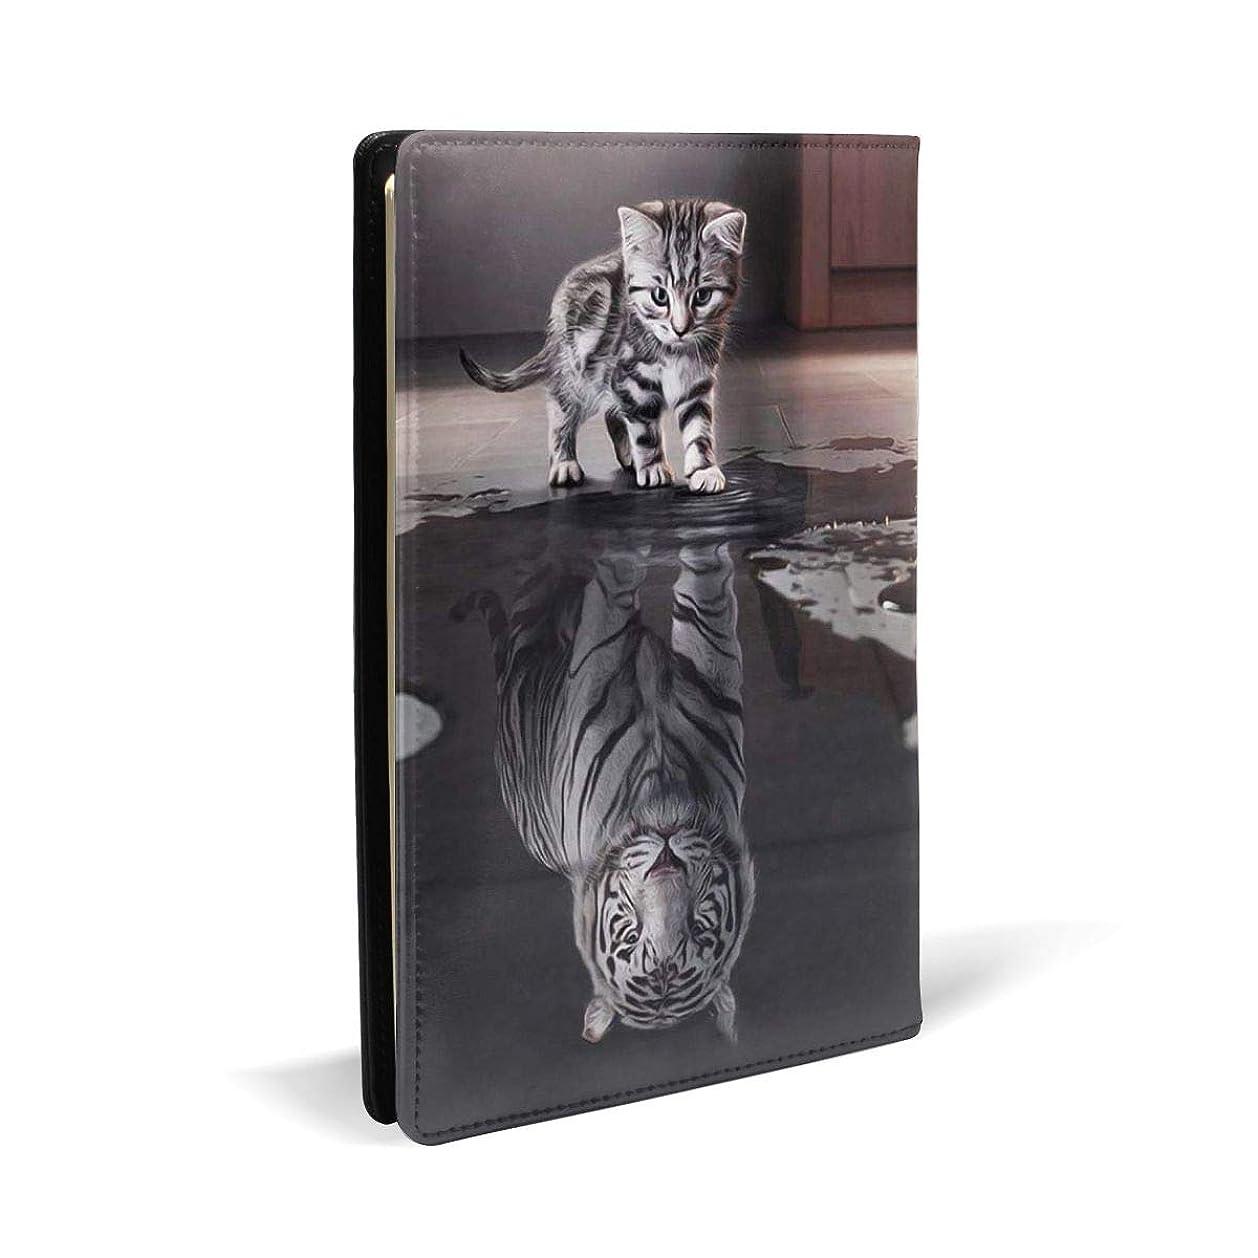 蛇行雲衝動ブラックサーカス ブックカバー A5 PUレザー 白猫の反射虎 文庫本カバー オフィス用品 文房具 カバー 学習用品